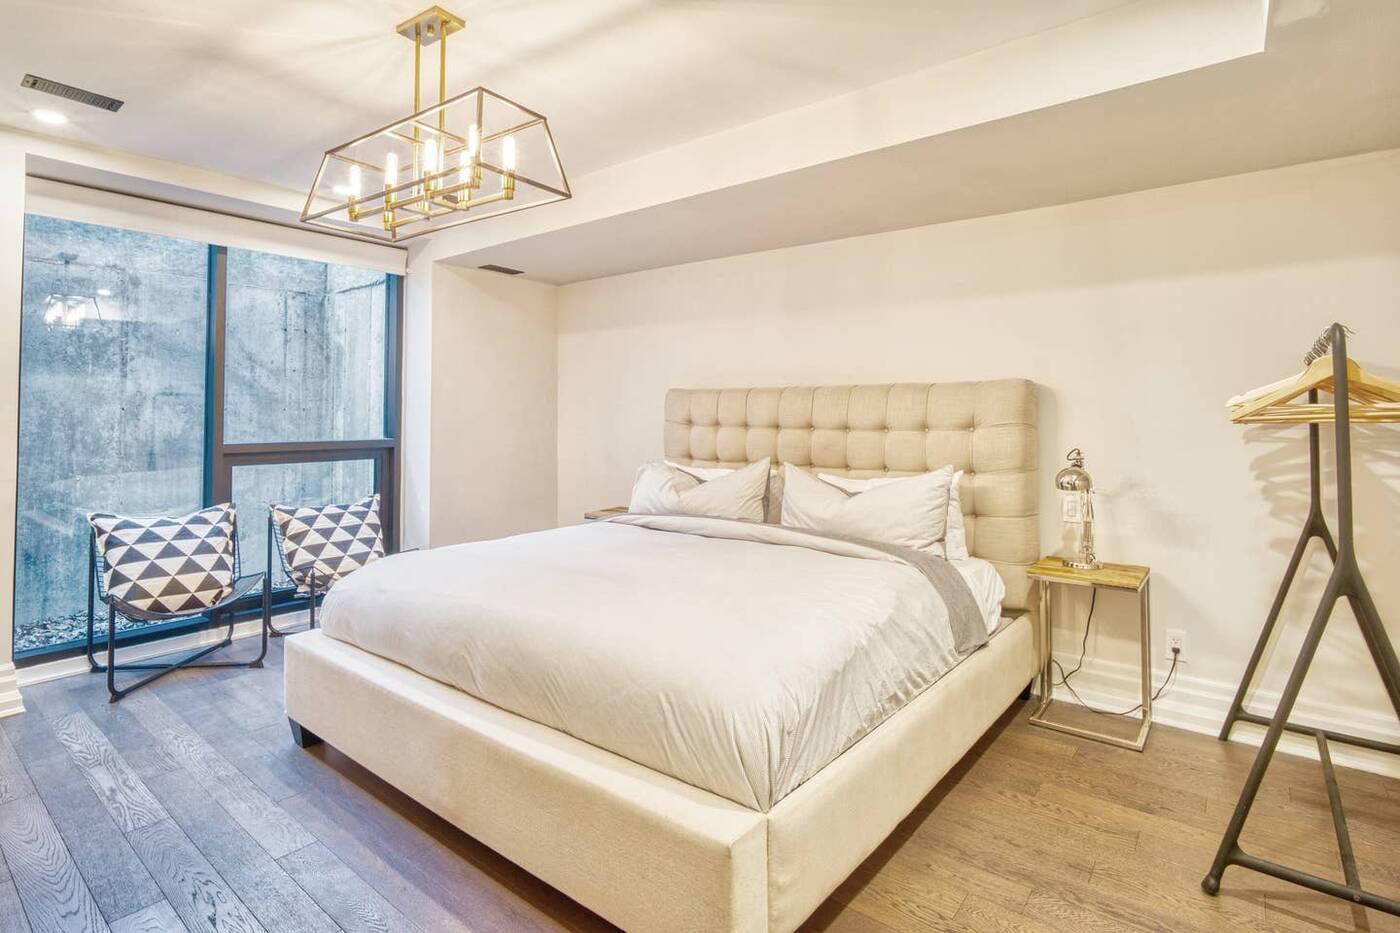 Annex Airbnb Toronto